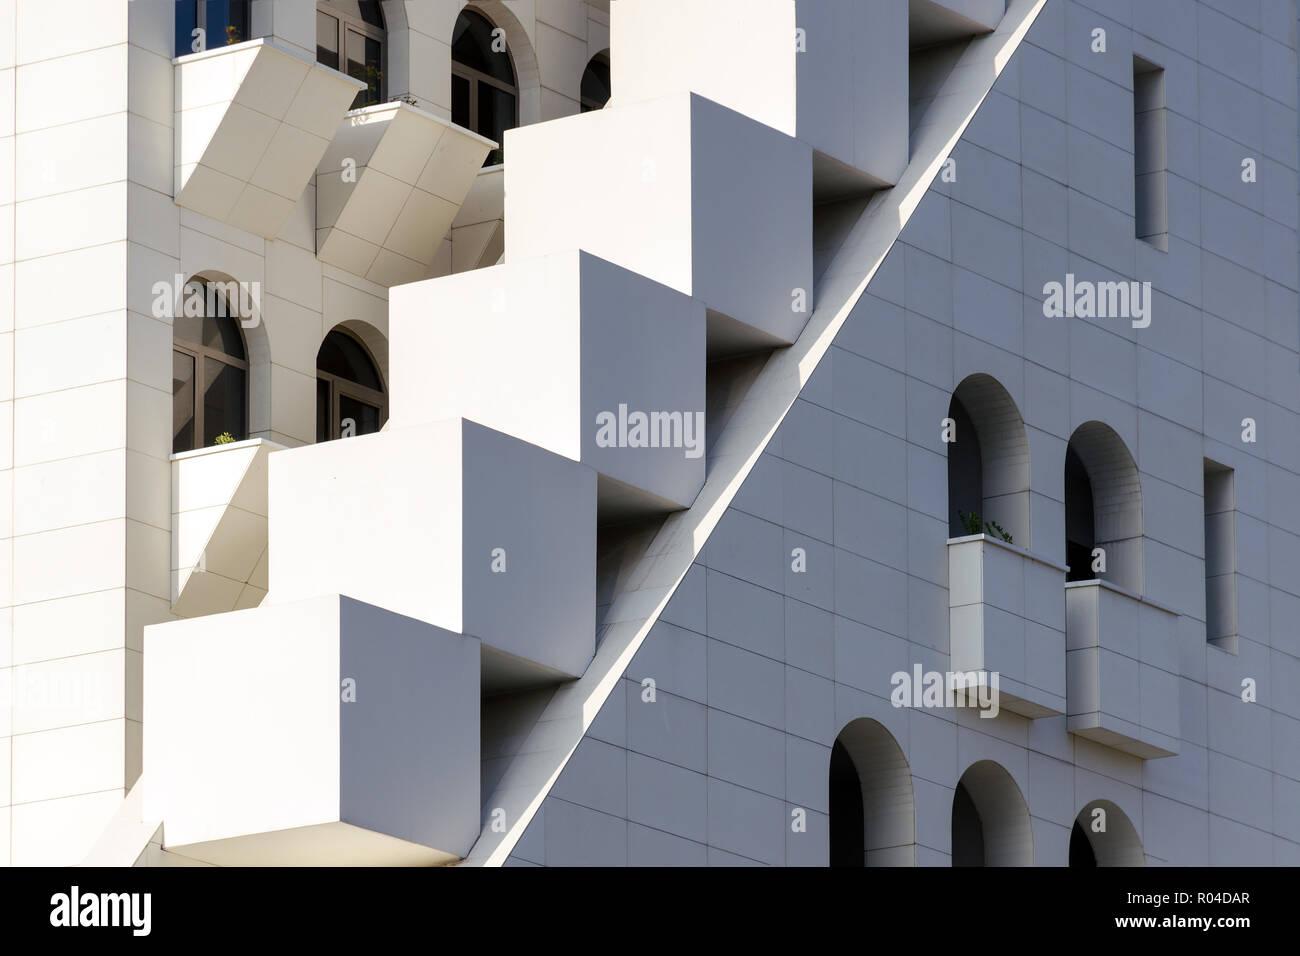 Mischen von Formen, Schichten in der modernen Architektur - Teil der Fassade Gebäude, ungewöhnliche geometrische Außen, komplexe Struktur. Stockfoto